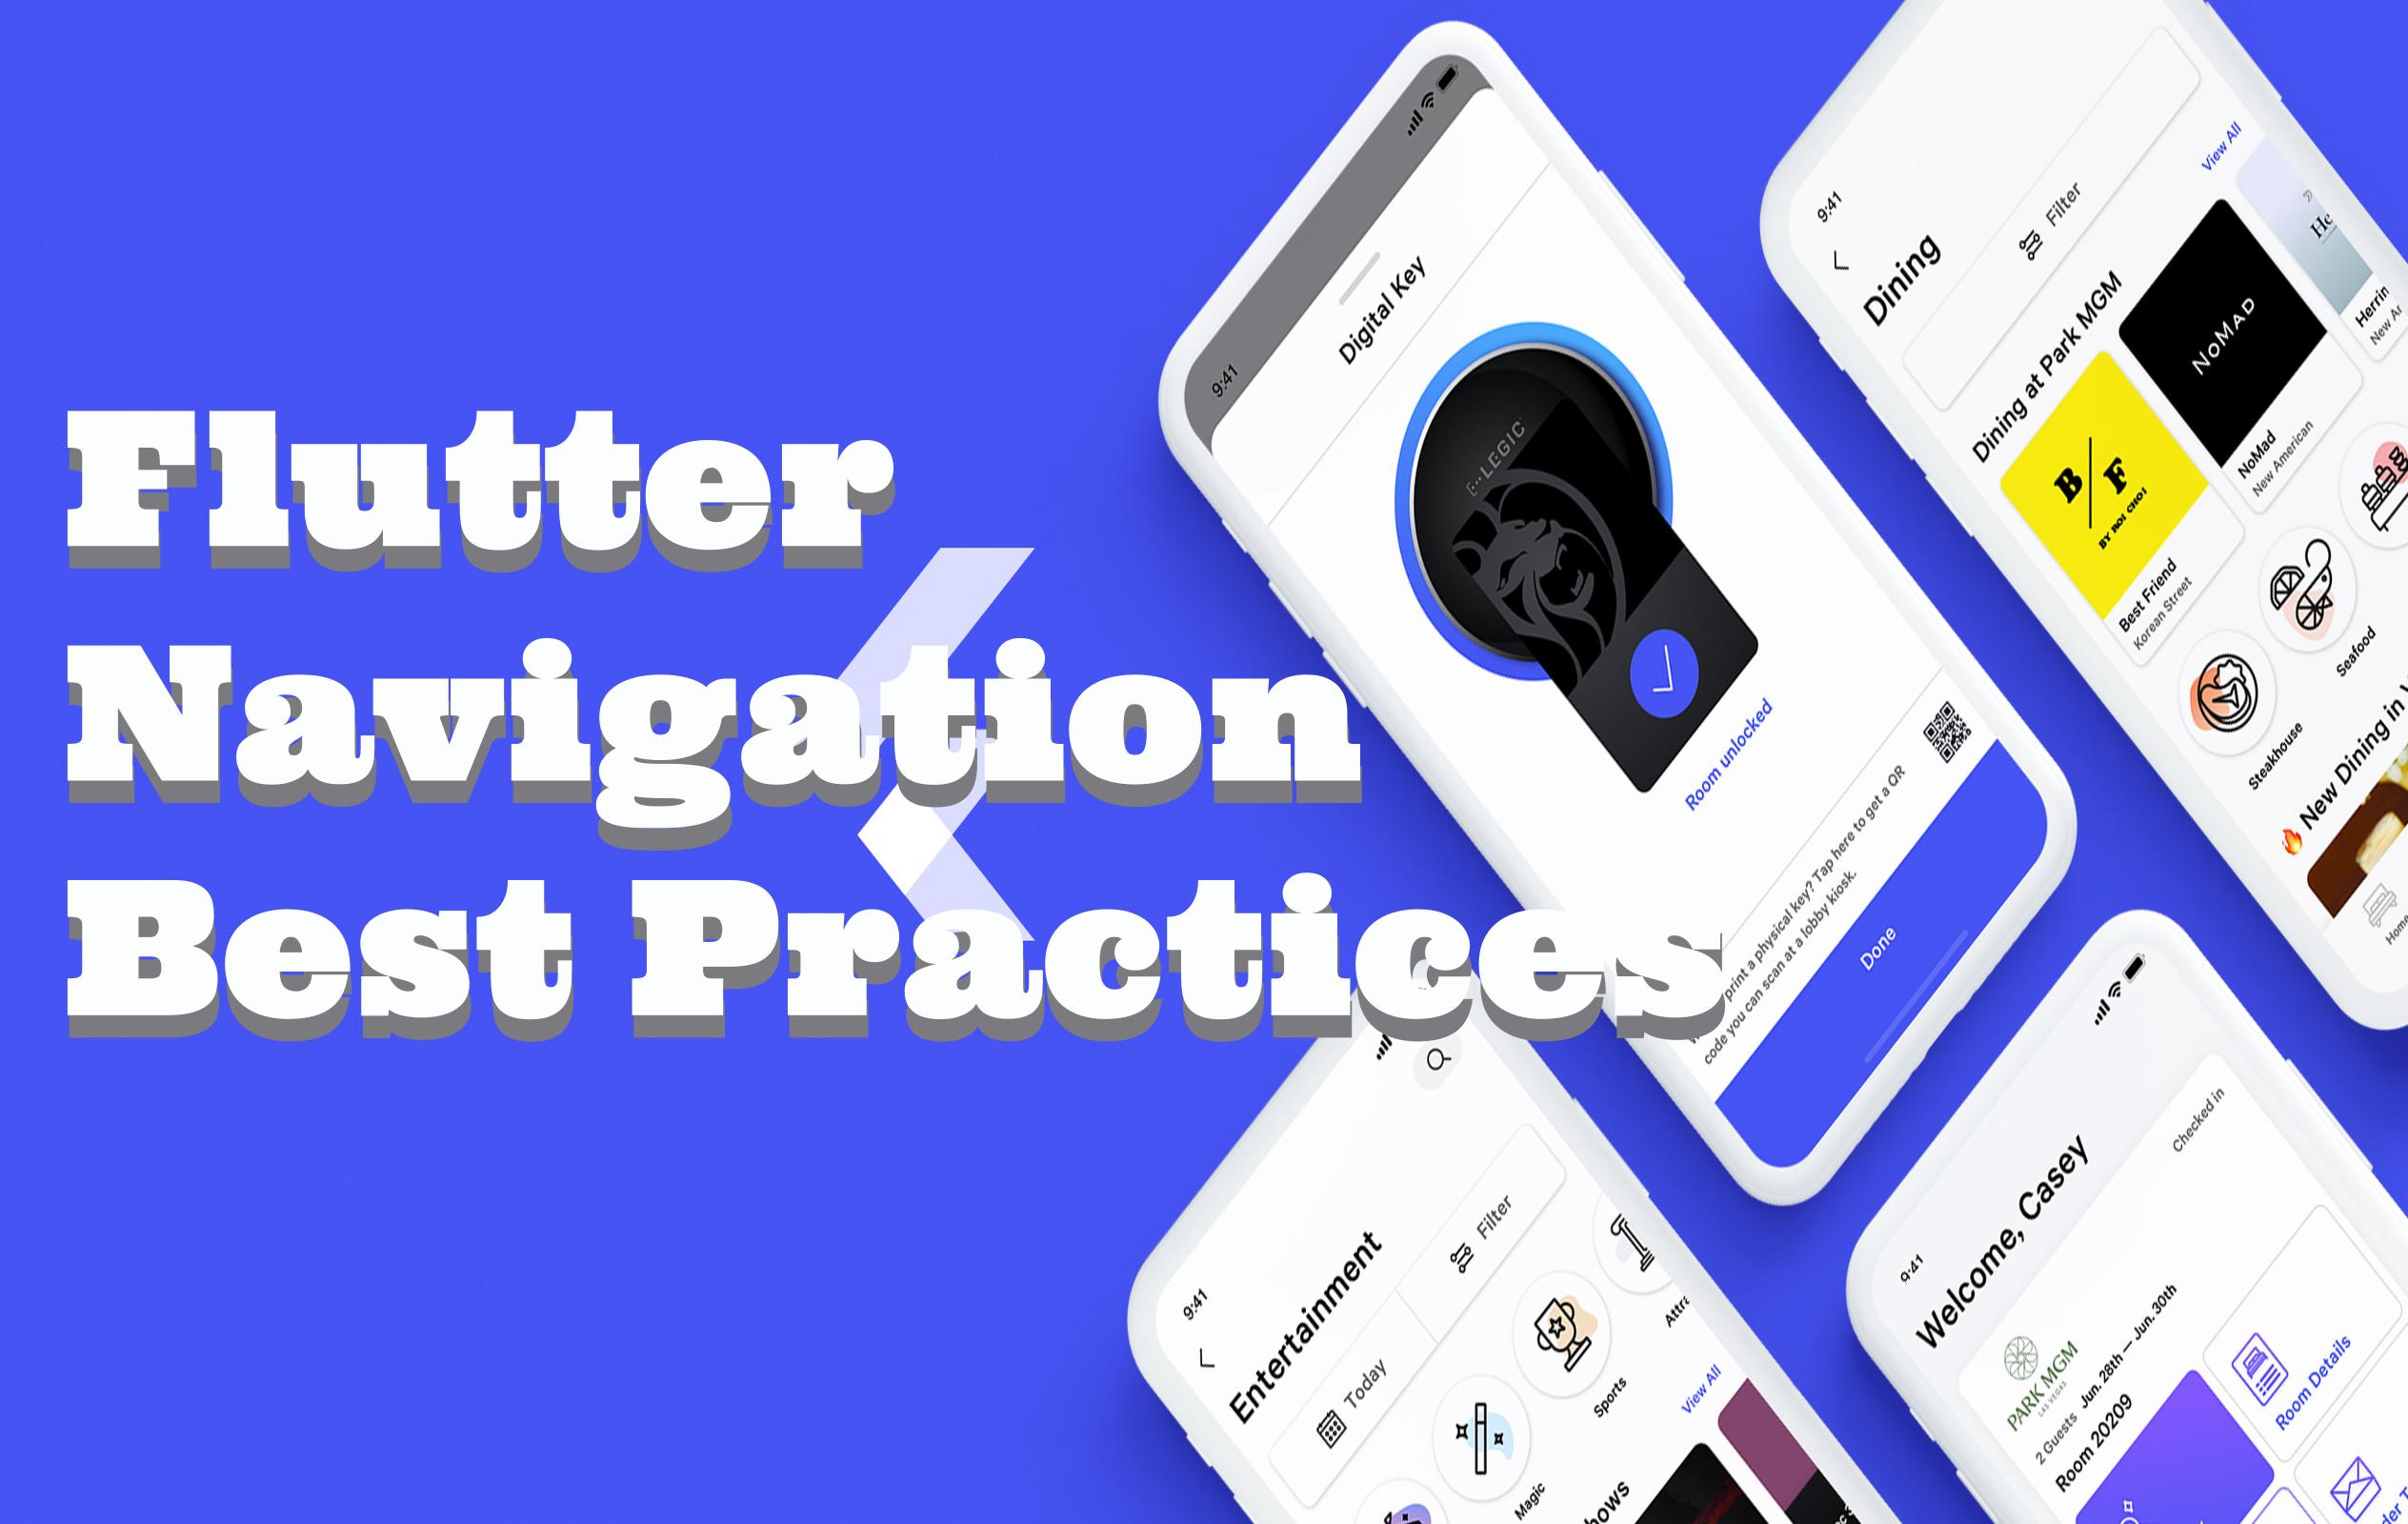 Flutter Navigation Best Practices